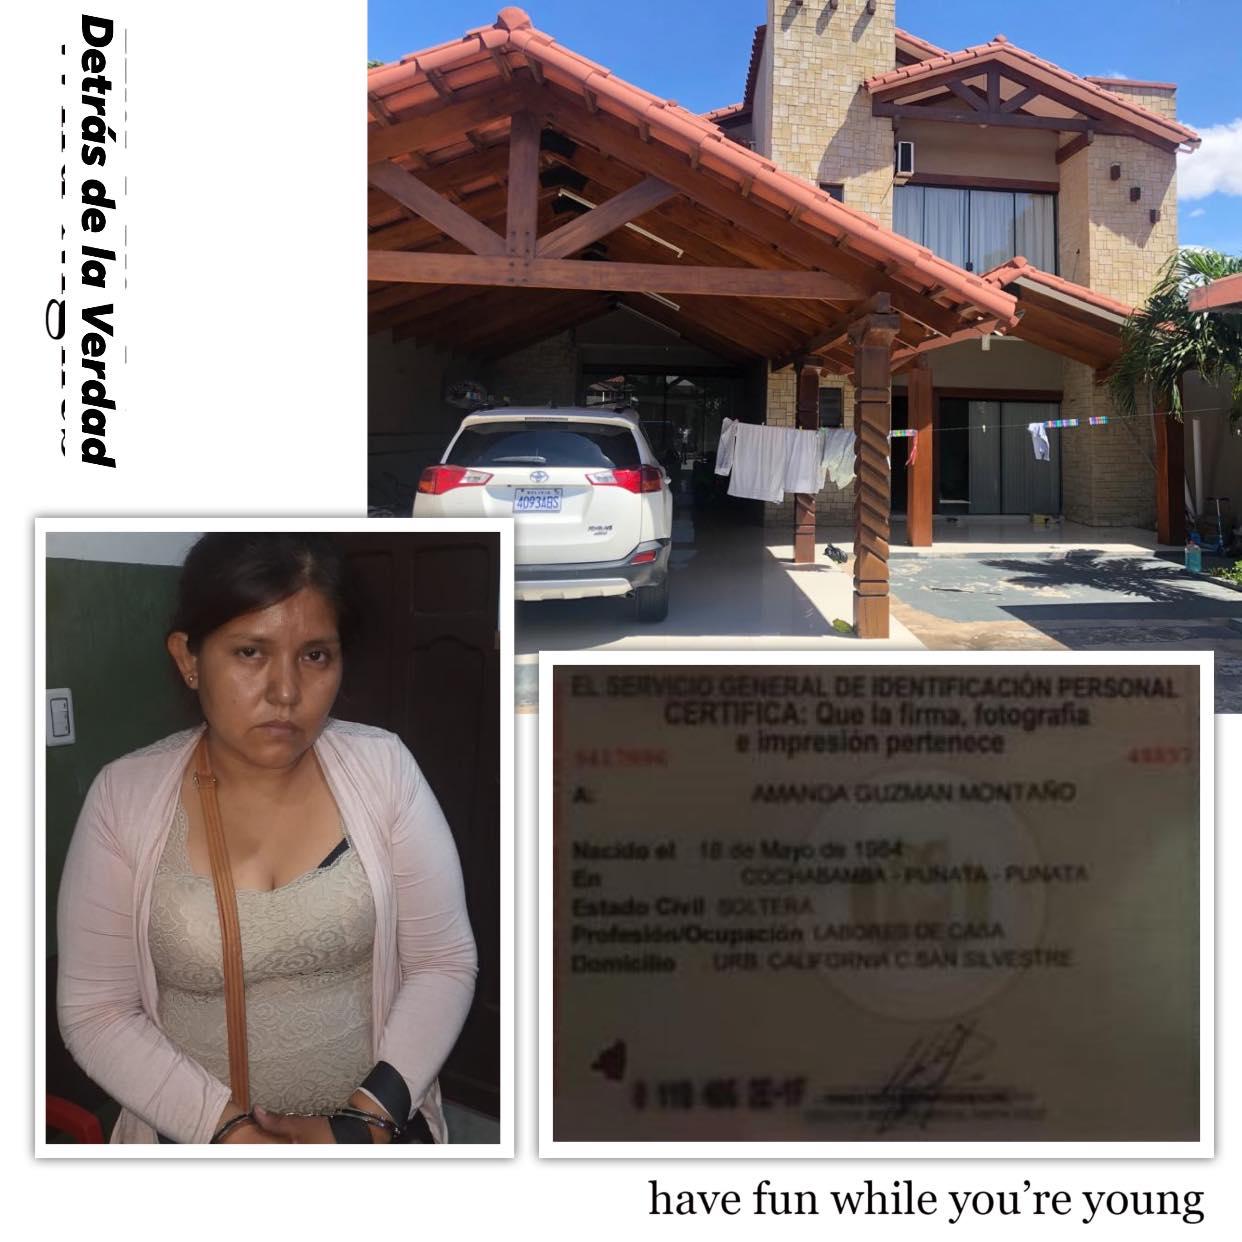 Elva, del clan Terán, vivía en una lujosa casa en Santa Cruz y usaba cédula falsa